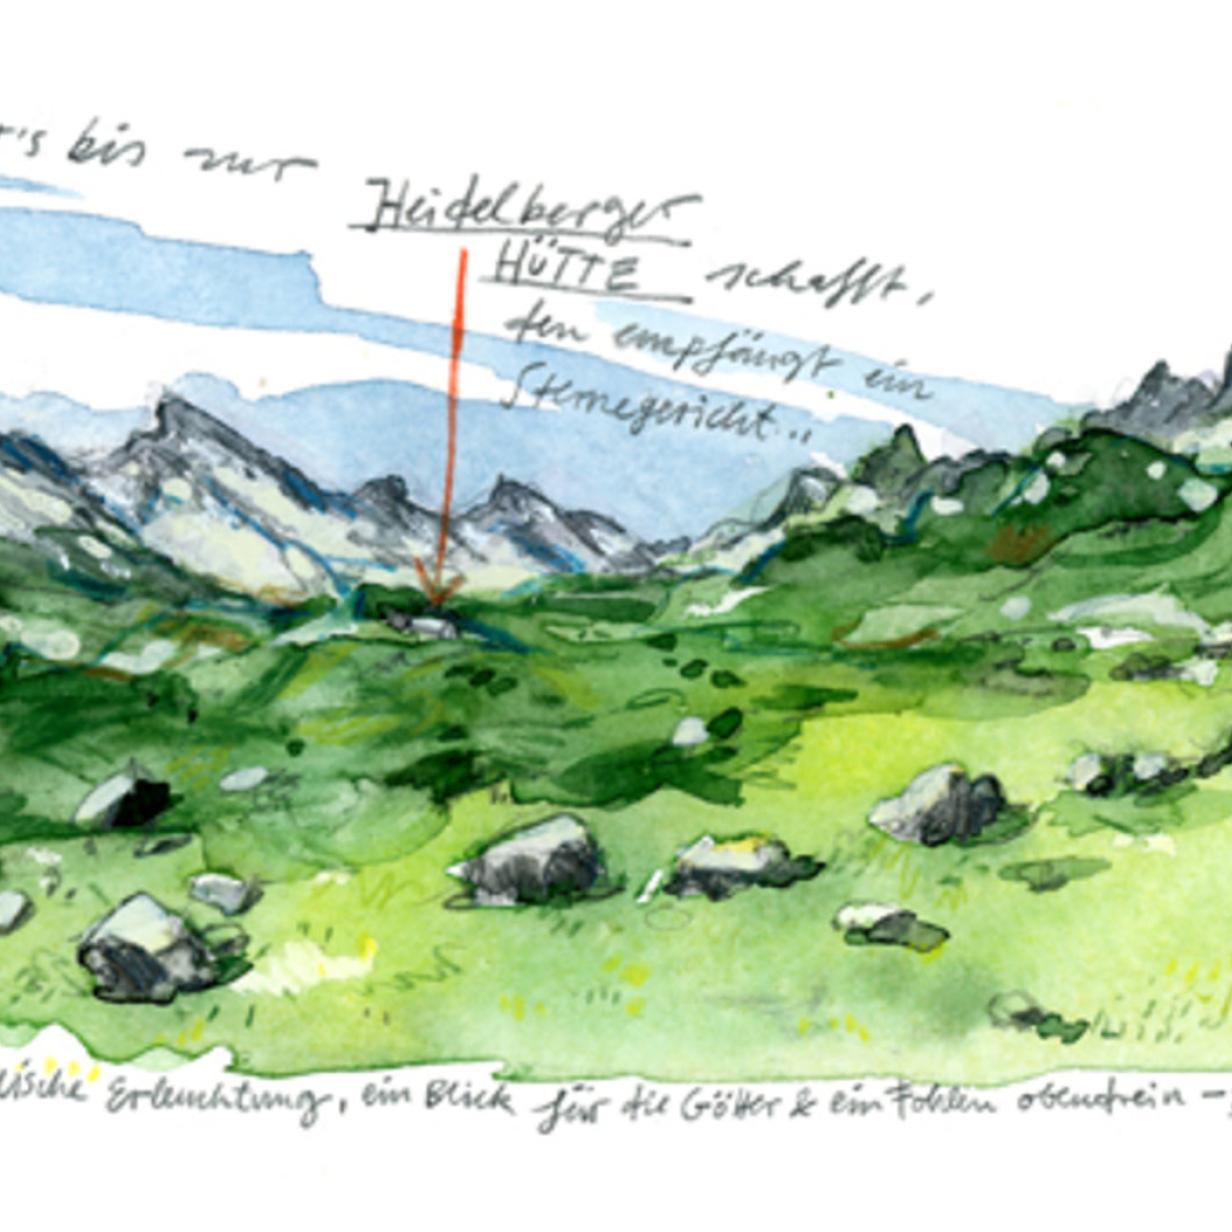 Christian Seilers Gehen: Irgendwo überquerte ich die Grenze